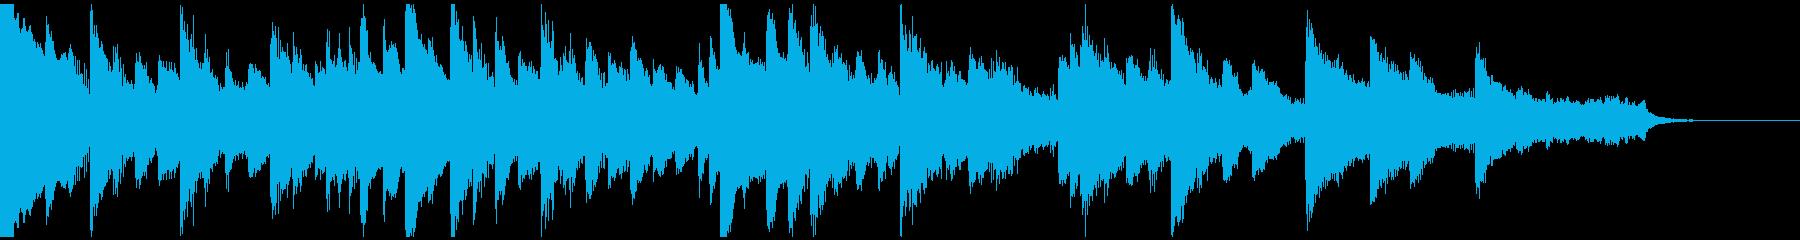 切なくノスタルジックなピアノ曲の再生済みの波形